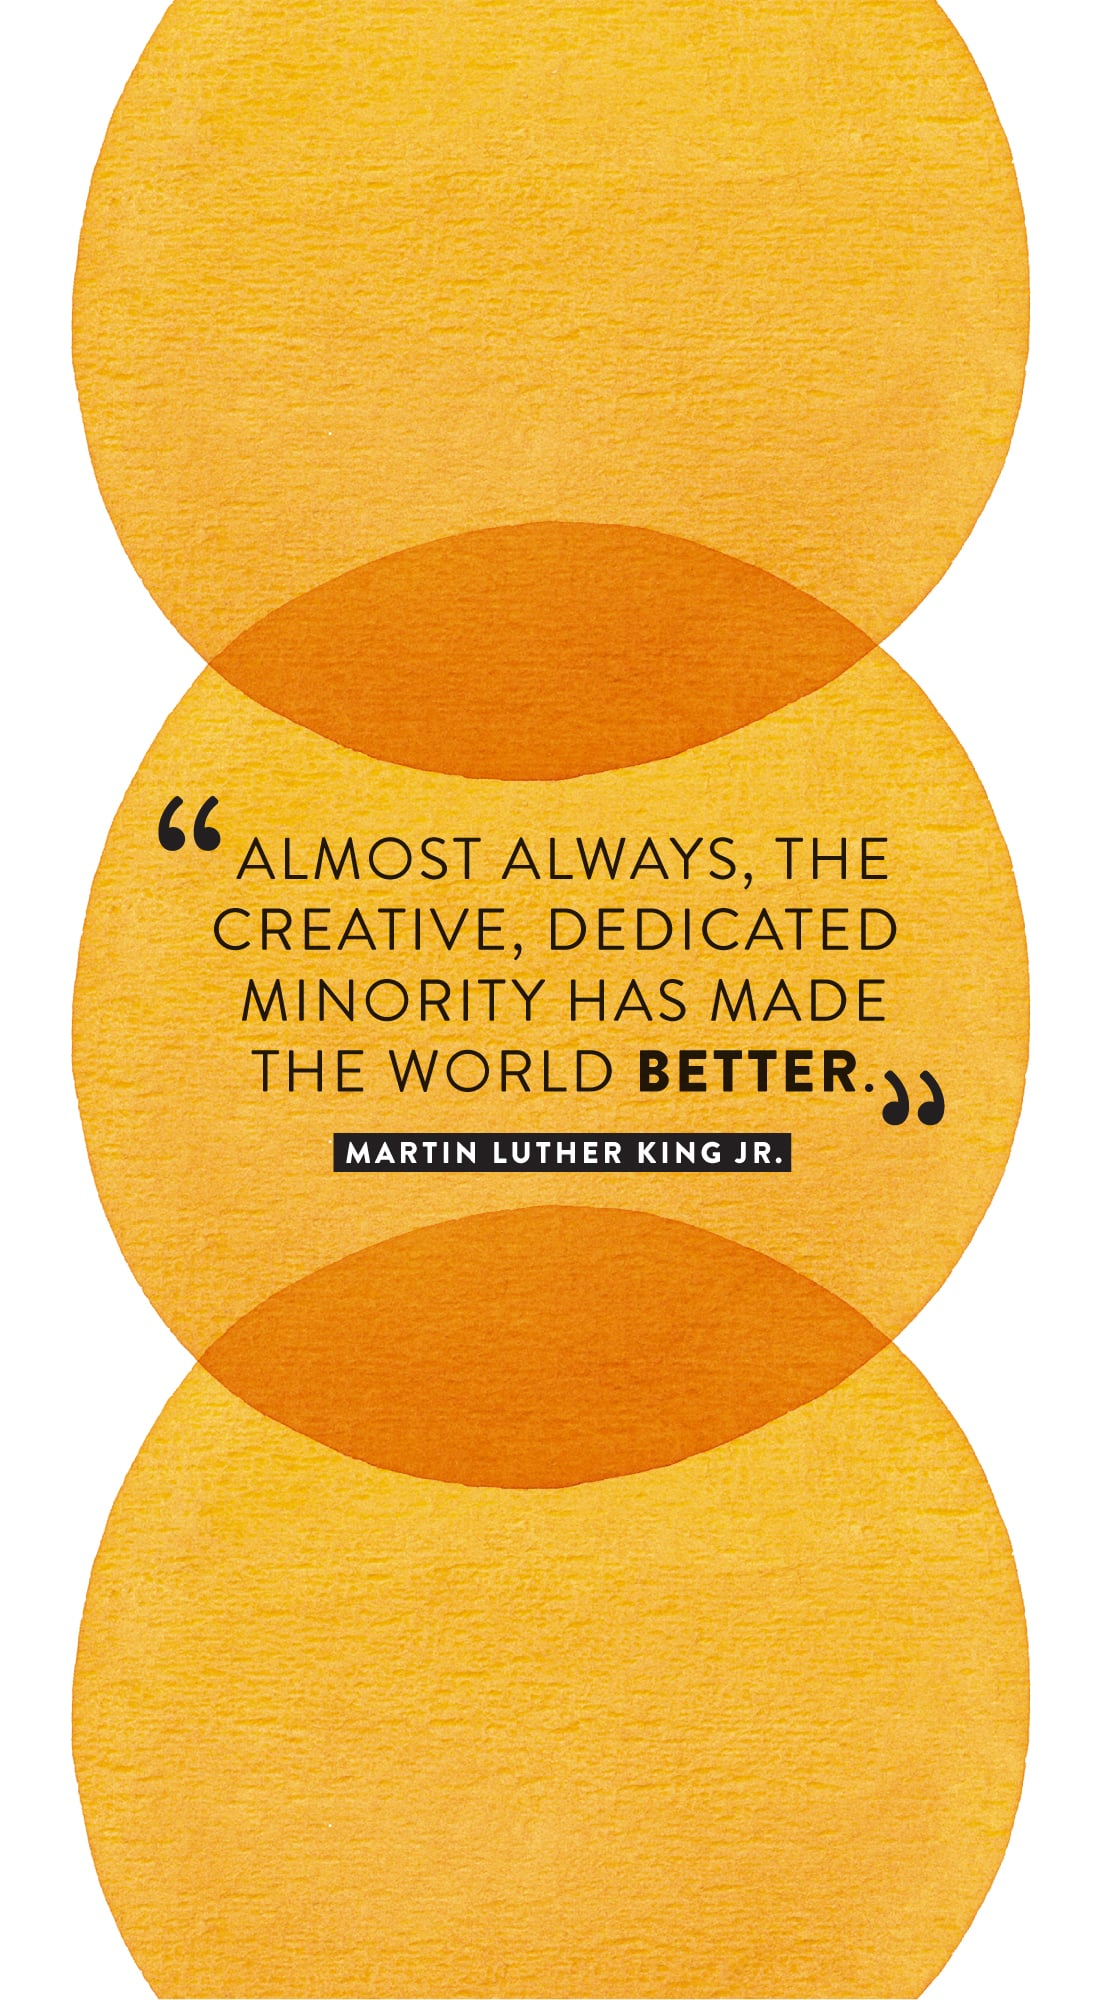 MLK-1.jpg